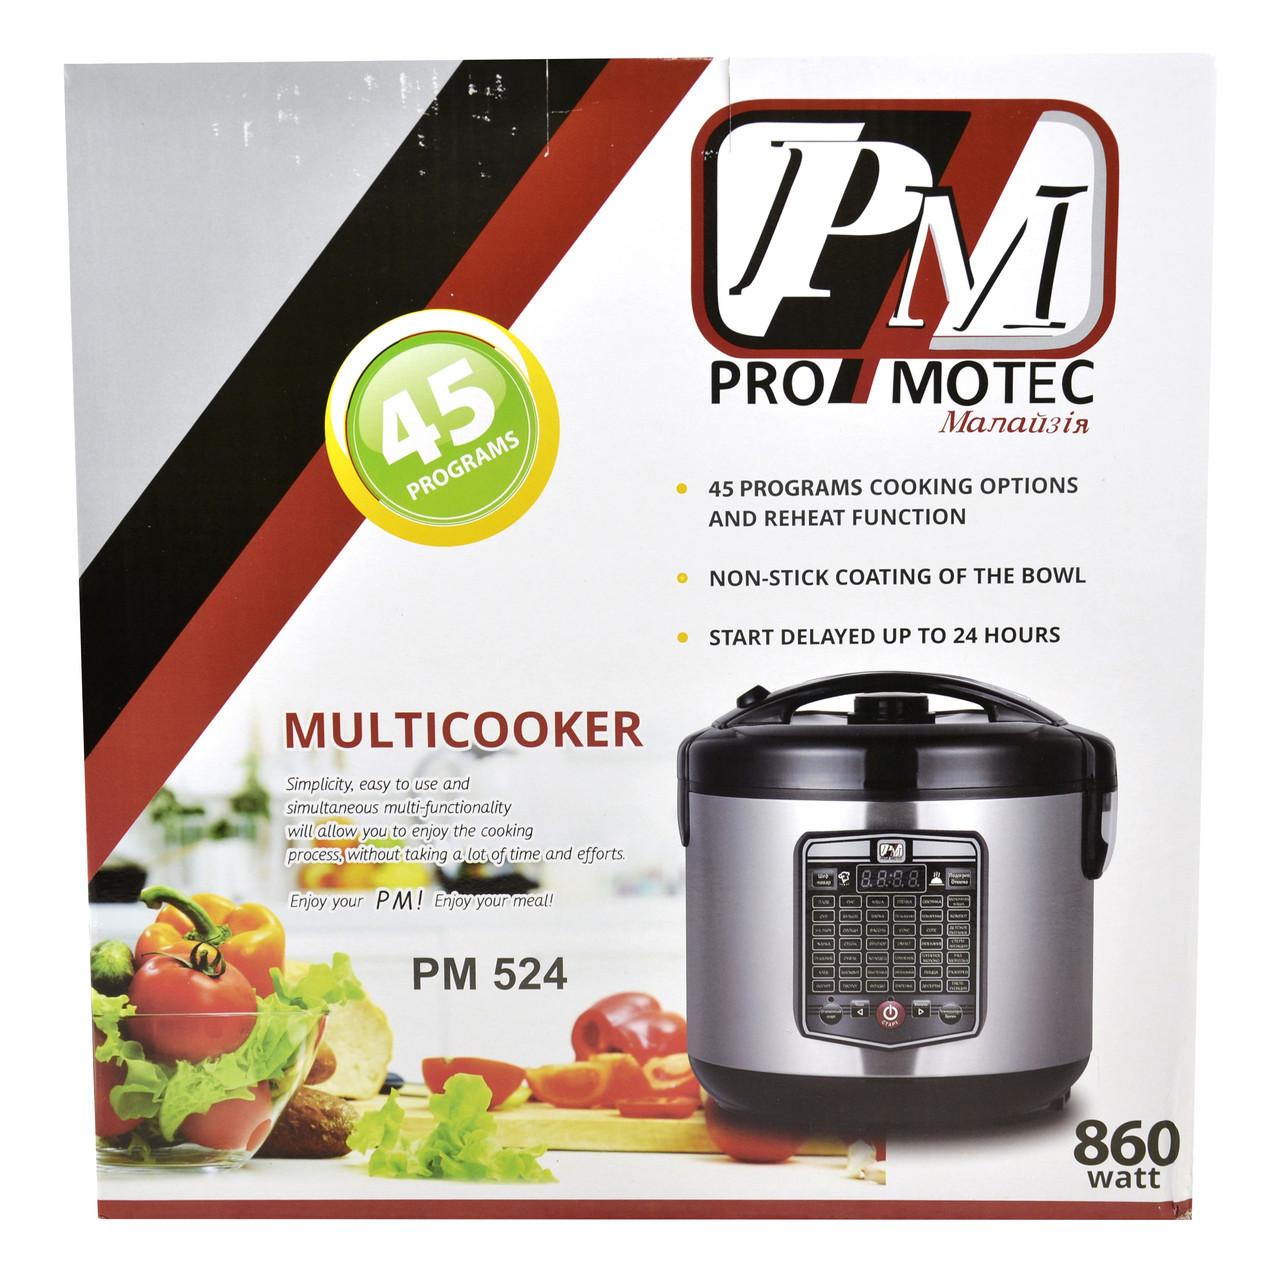 Мультиварка Pro motec PМ-524 Мощность 860 Вт  45 программ